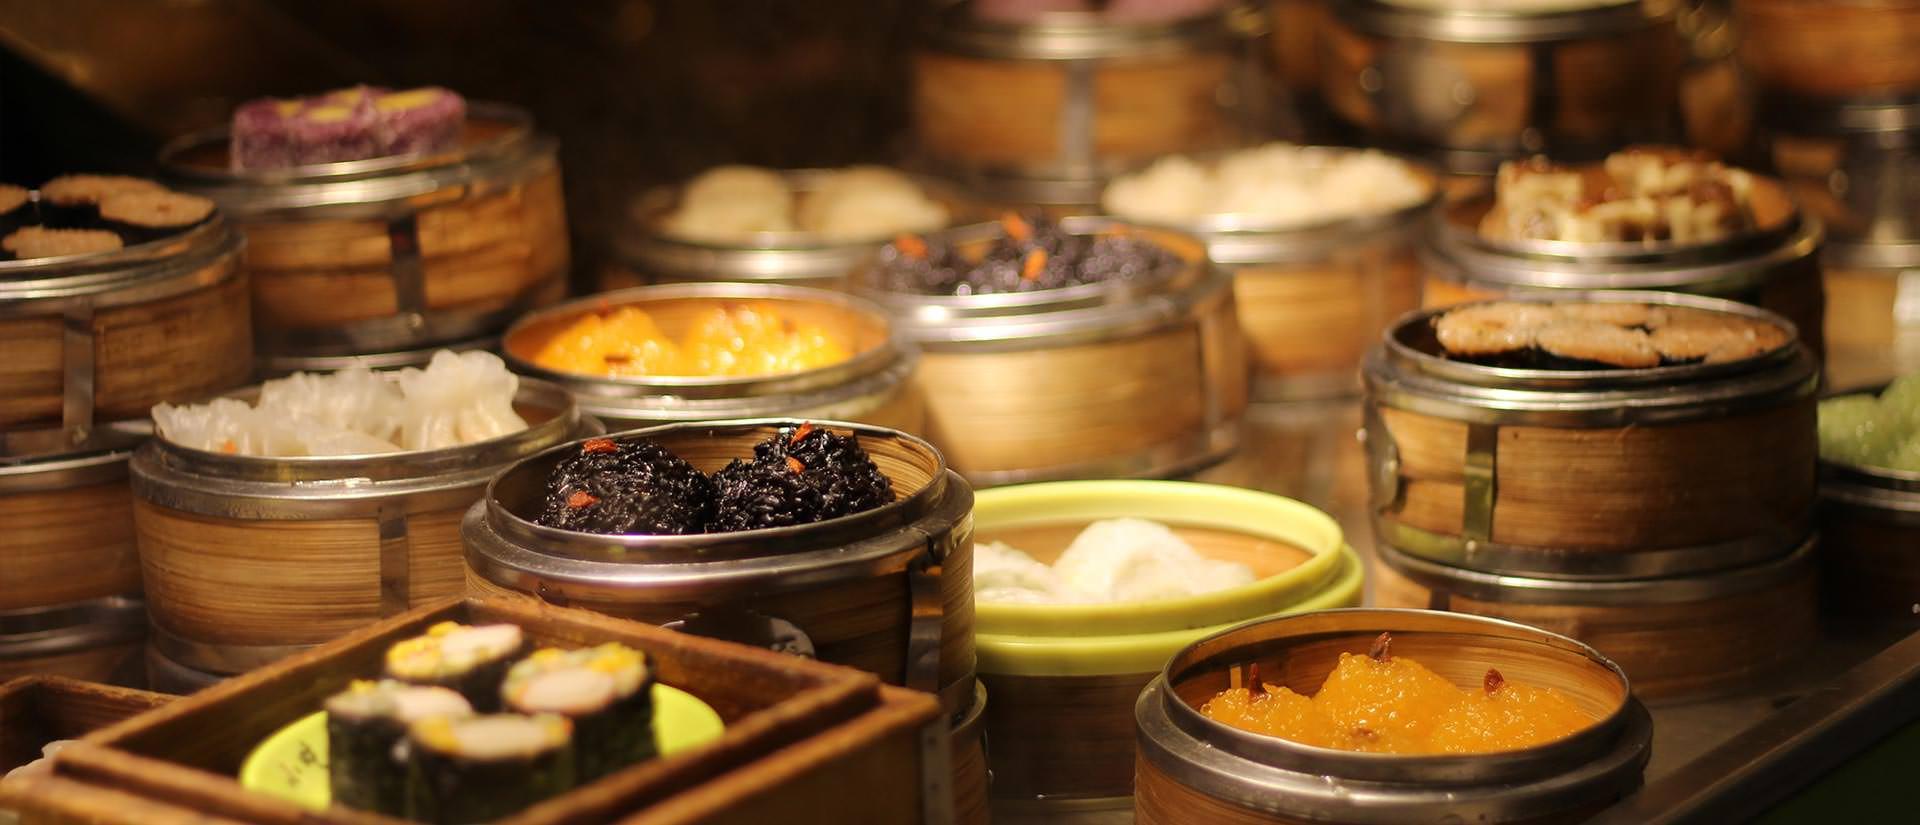 טעימה משנגחאי - המדריך לאוכל בסין